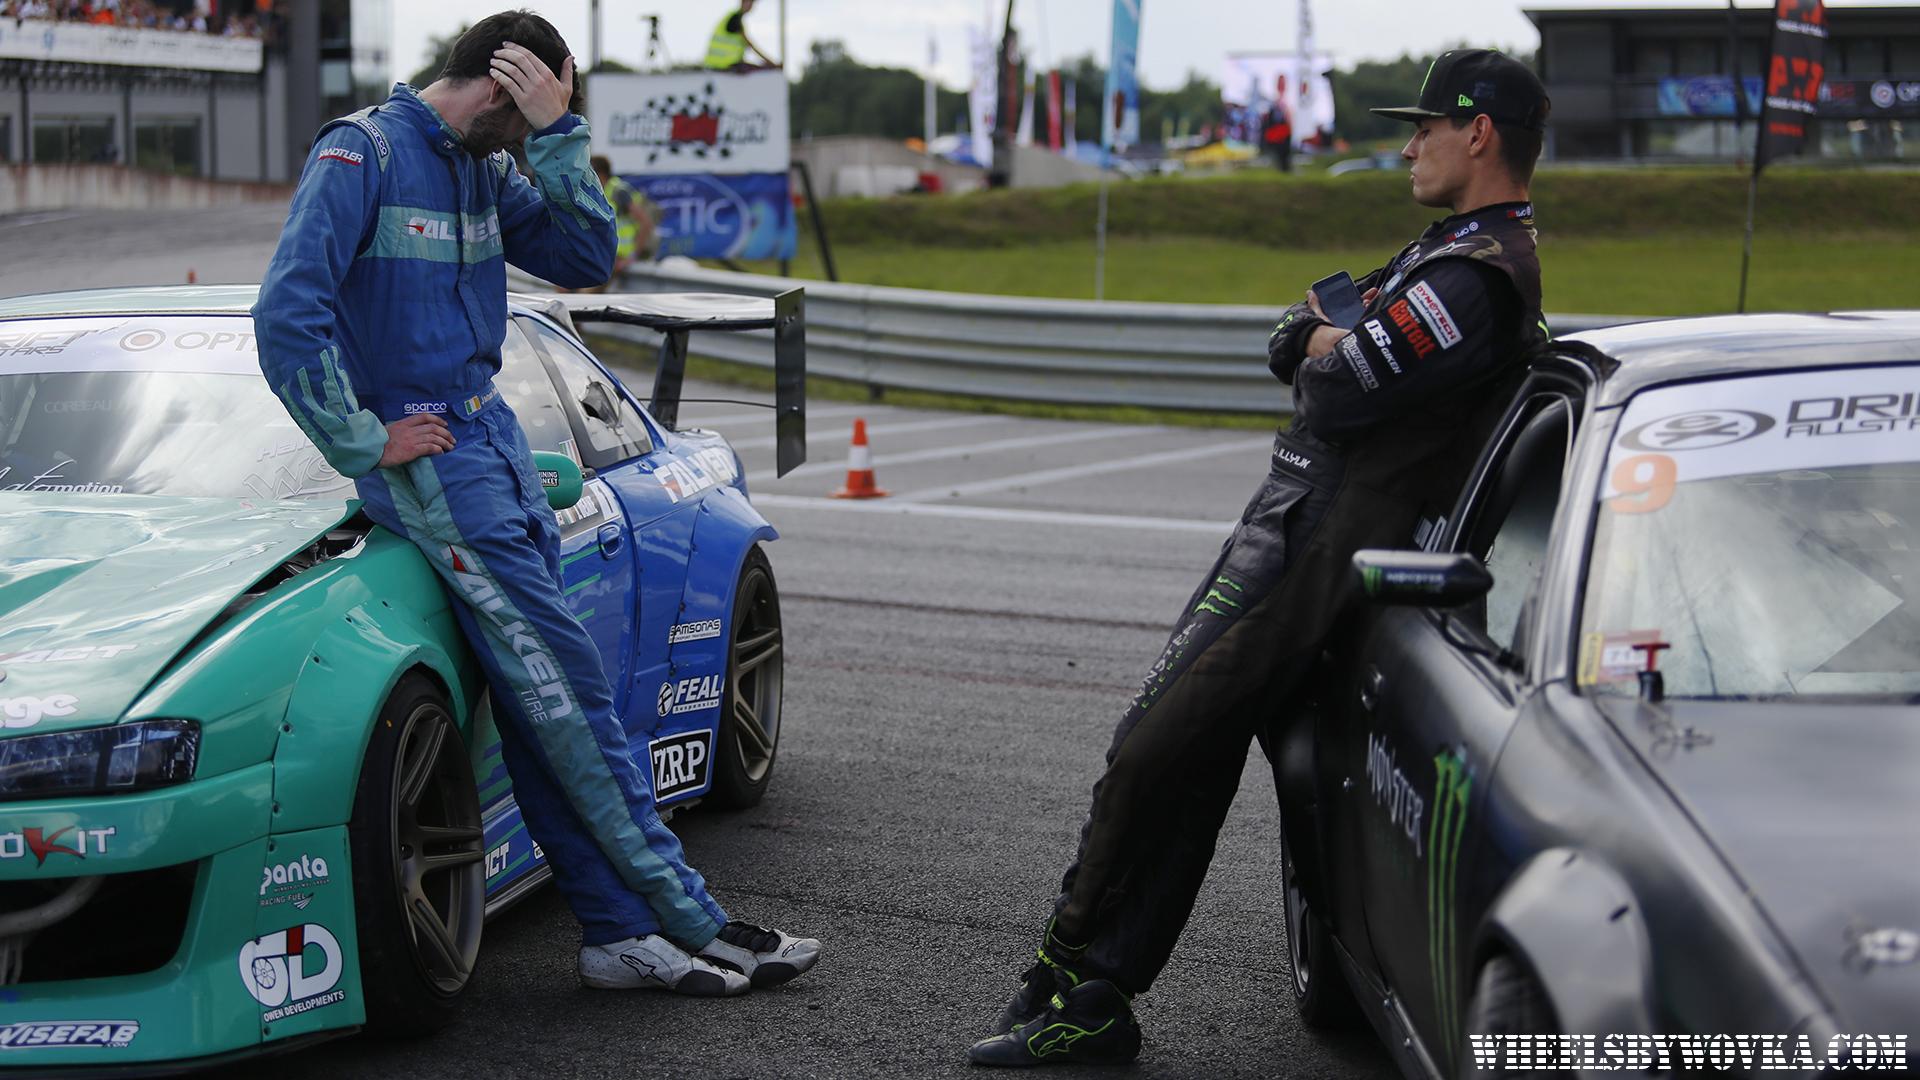 drift-allstars-estonia-wheelsbywovka-vladimir-ljadov-12